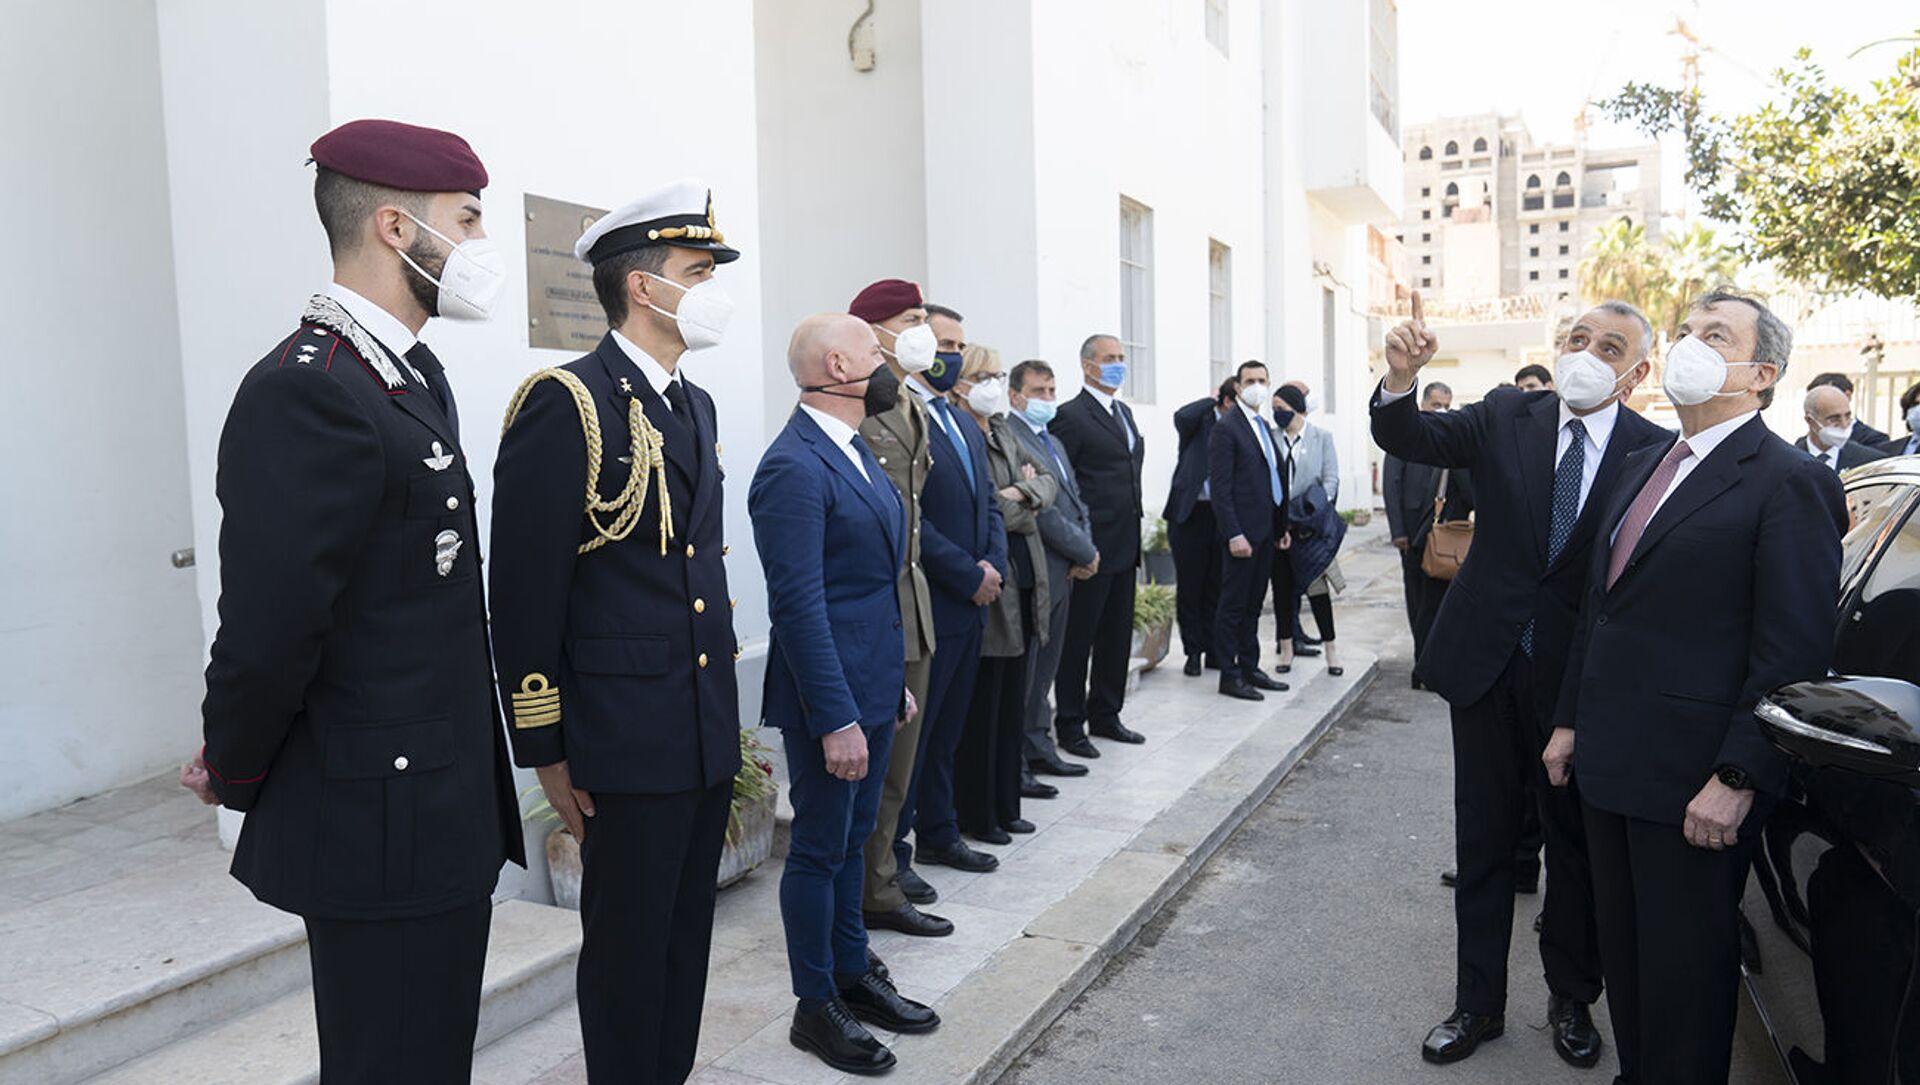 Draghi in visita in Libia Tripoli, 06/04/2021 - Il Presidente del Consiglio Mario Draghi in visita in Libia. - Sputnik Italia, 1920, 18.05.2021